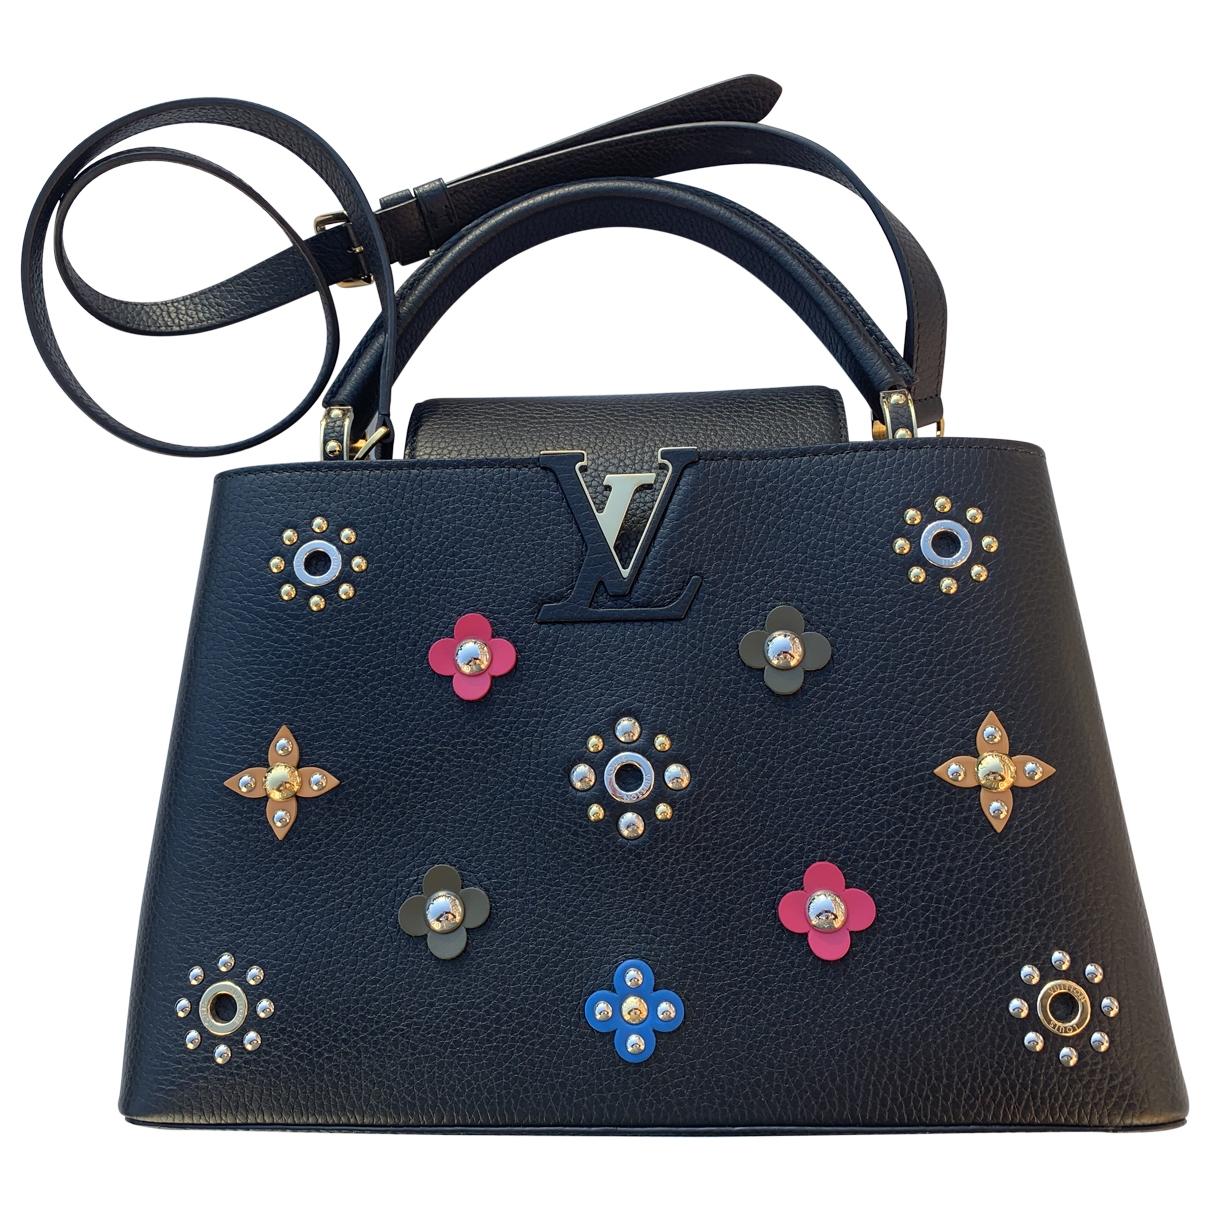 Louis Vuitton Capucines Black Leather handbag for Women \N